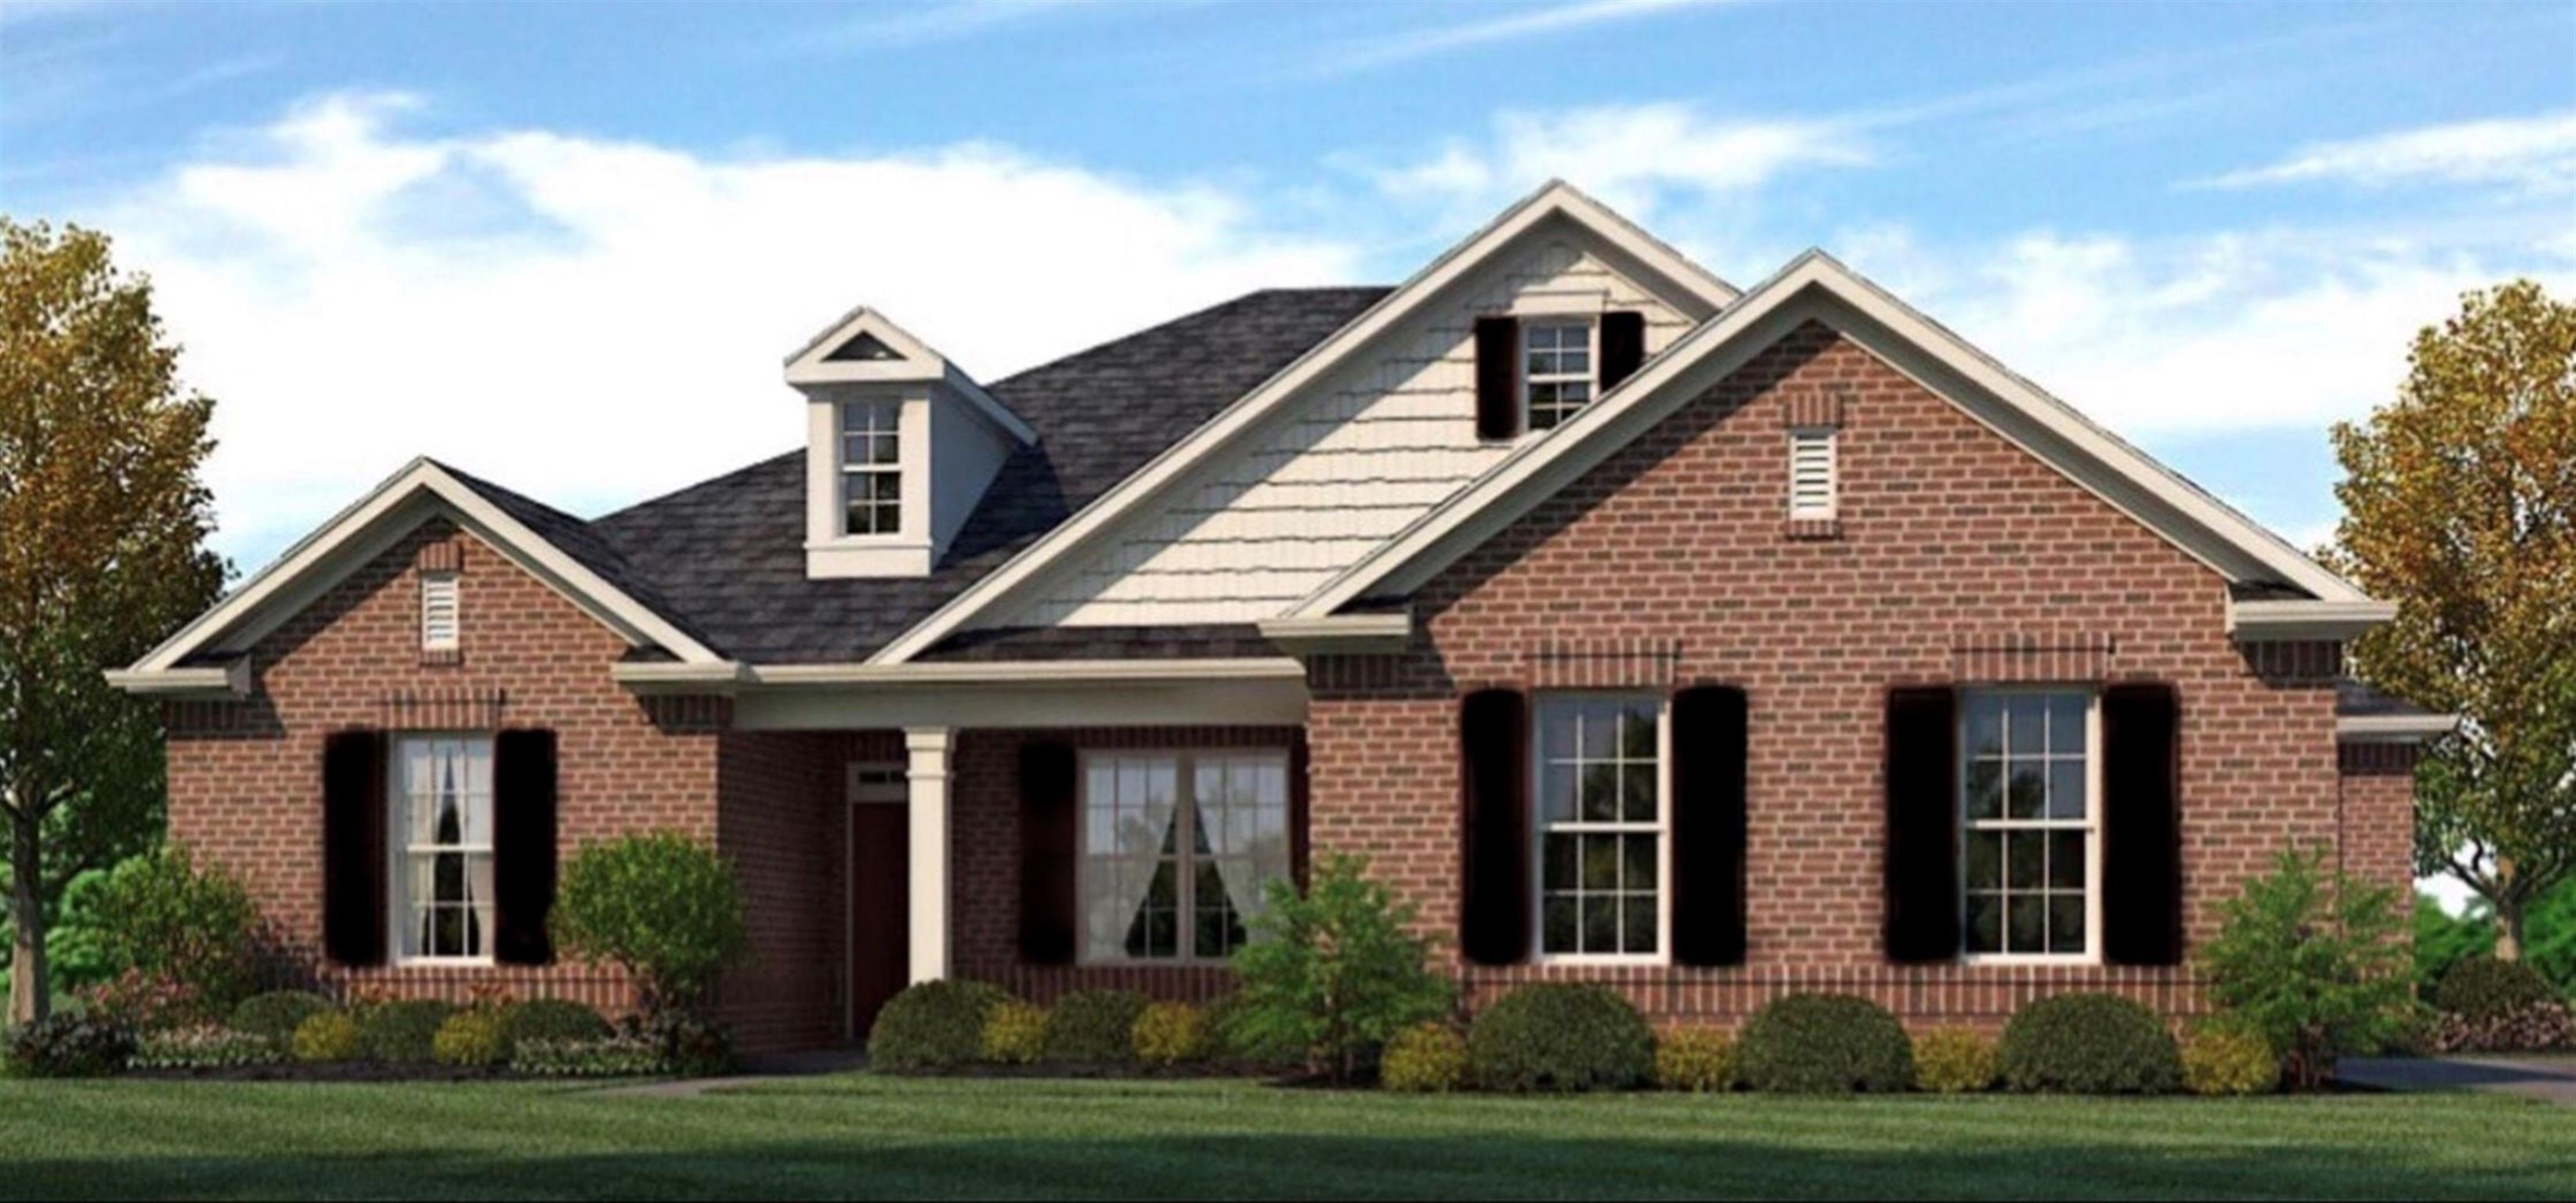 6622 Floral Court #146, Murfreesboro, TN 37128 - Murfreesboro, TN real estate listing